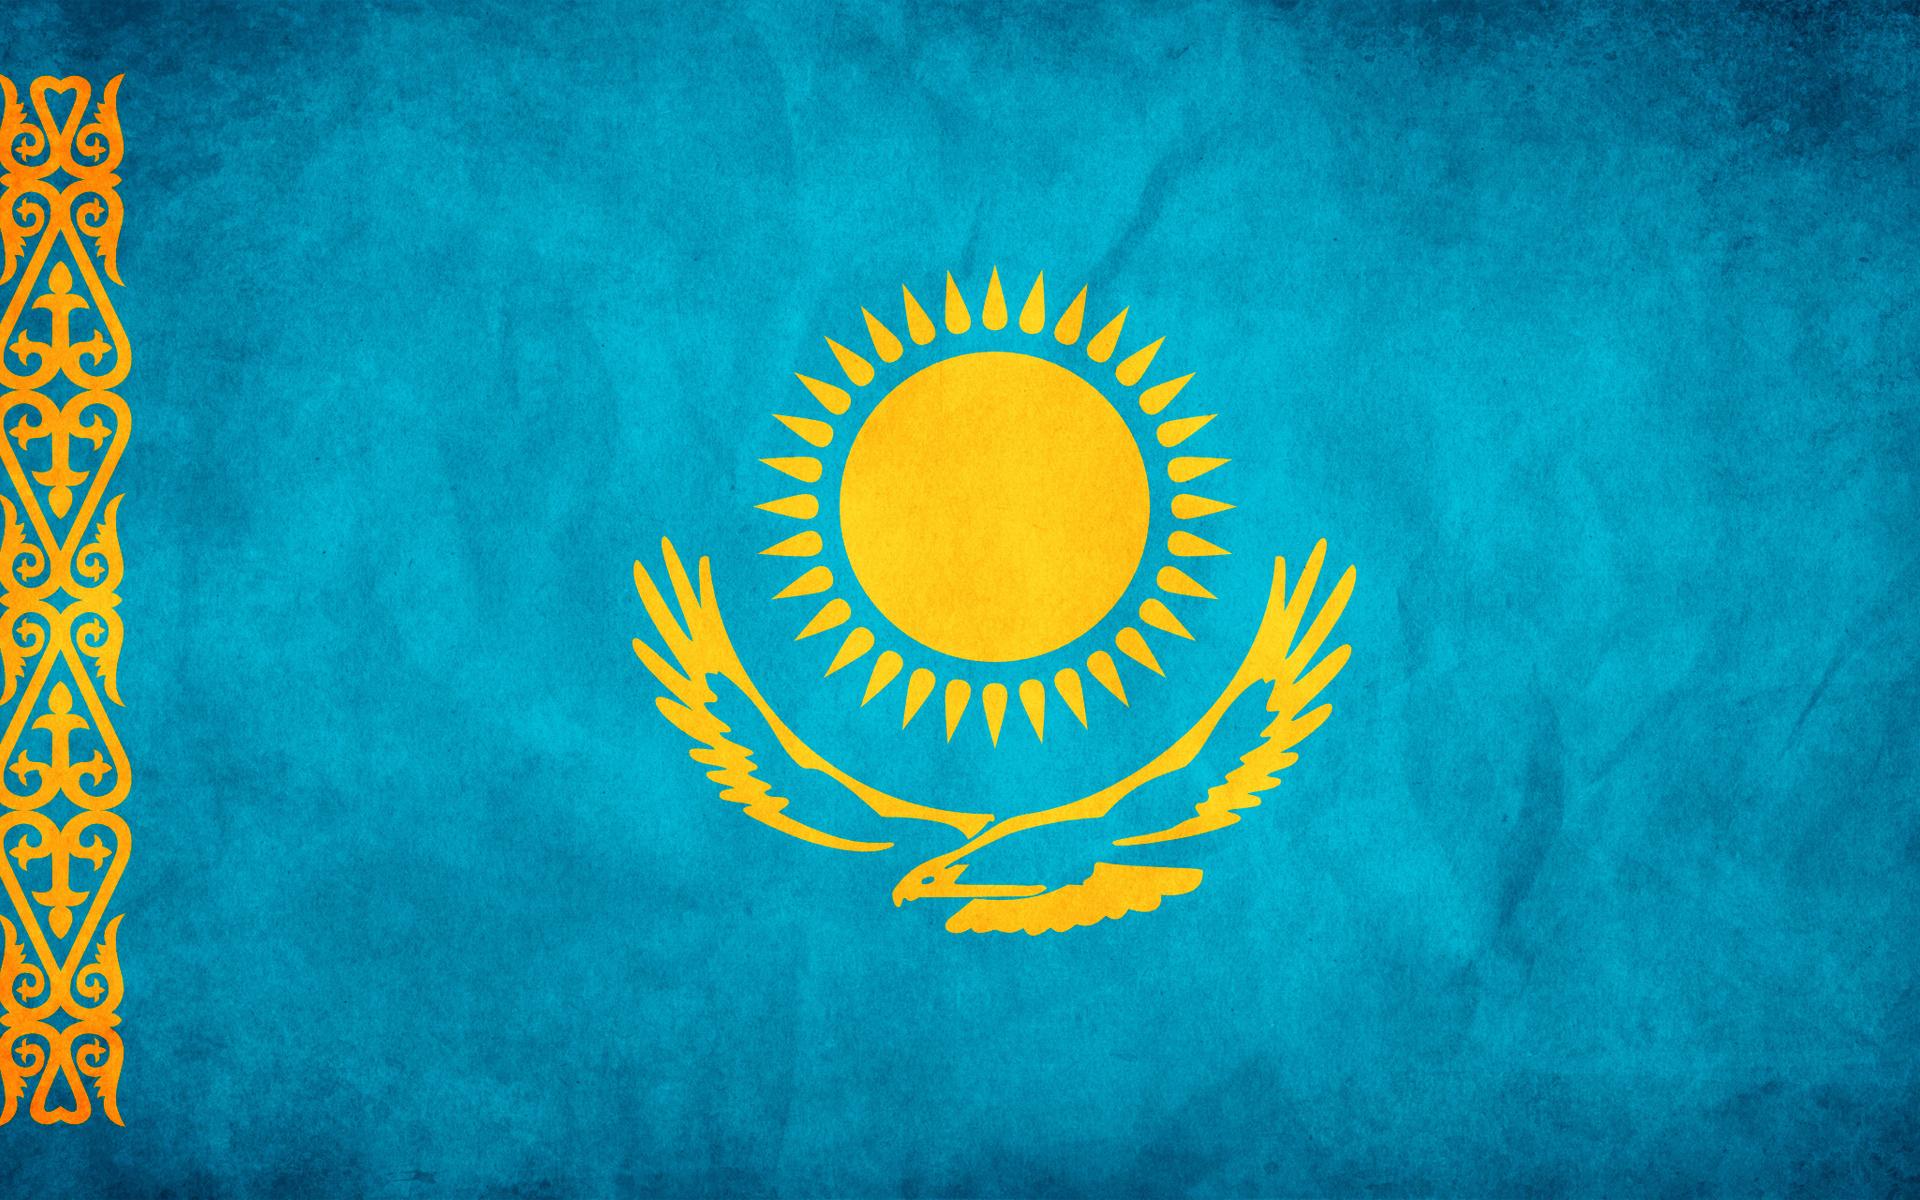 продвижение ютуб канала украина